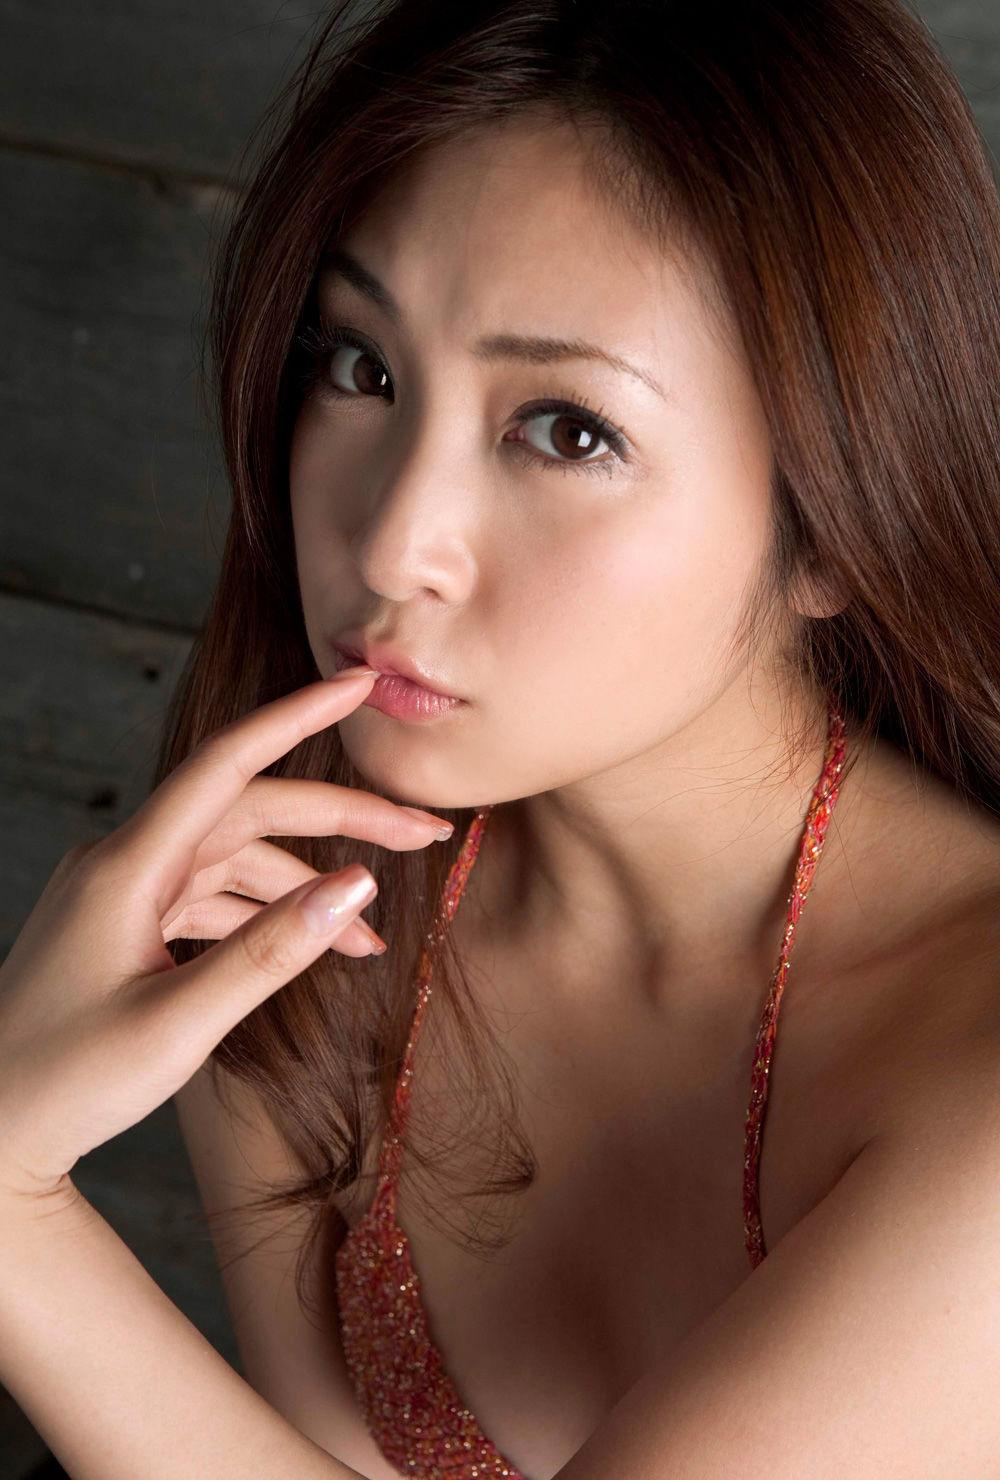 辰巳奈都子 画像 掲示板 63